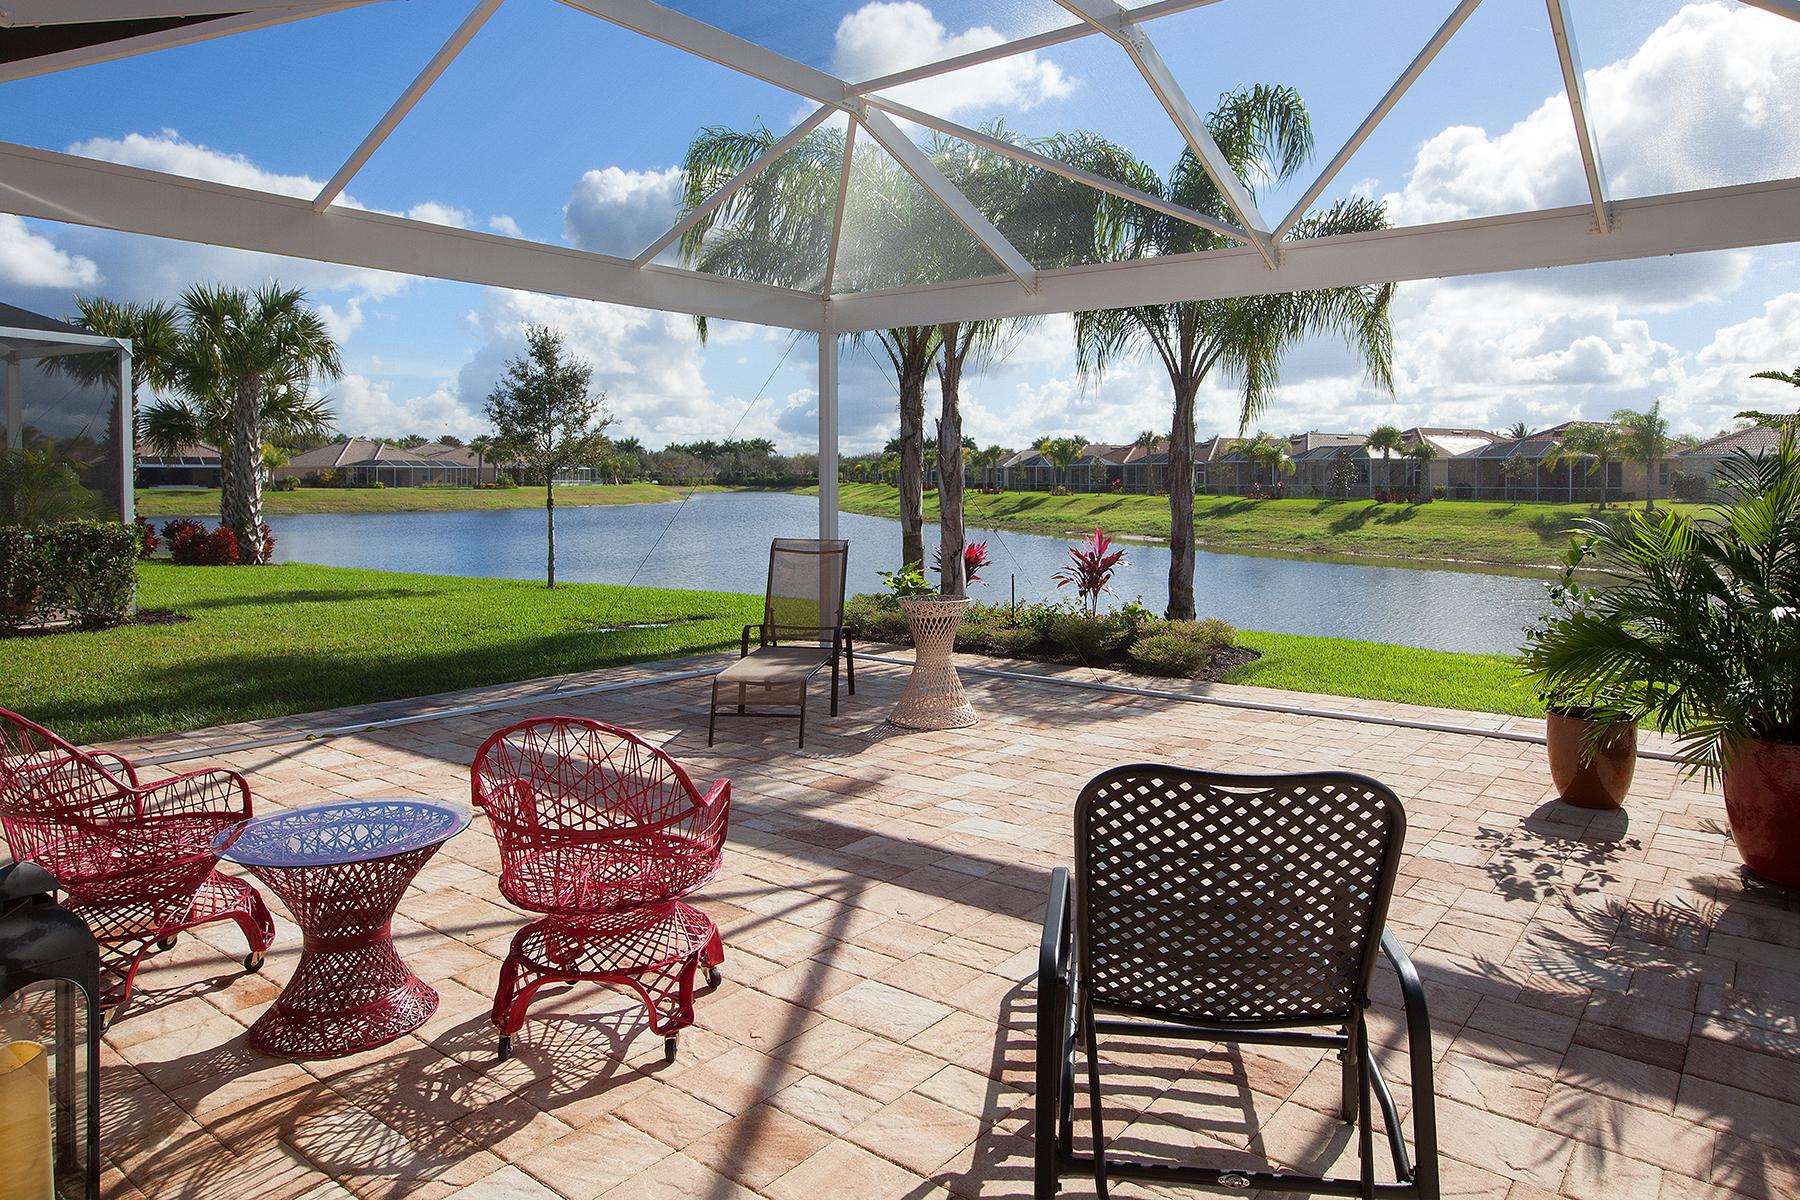 Moradia para Venda às Bonita Springs 28061 Quiet Water Way Bonita Springs, Florida, 34135 Estados Unidos